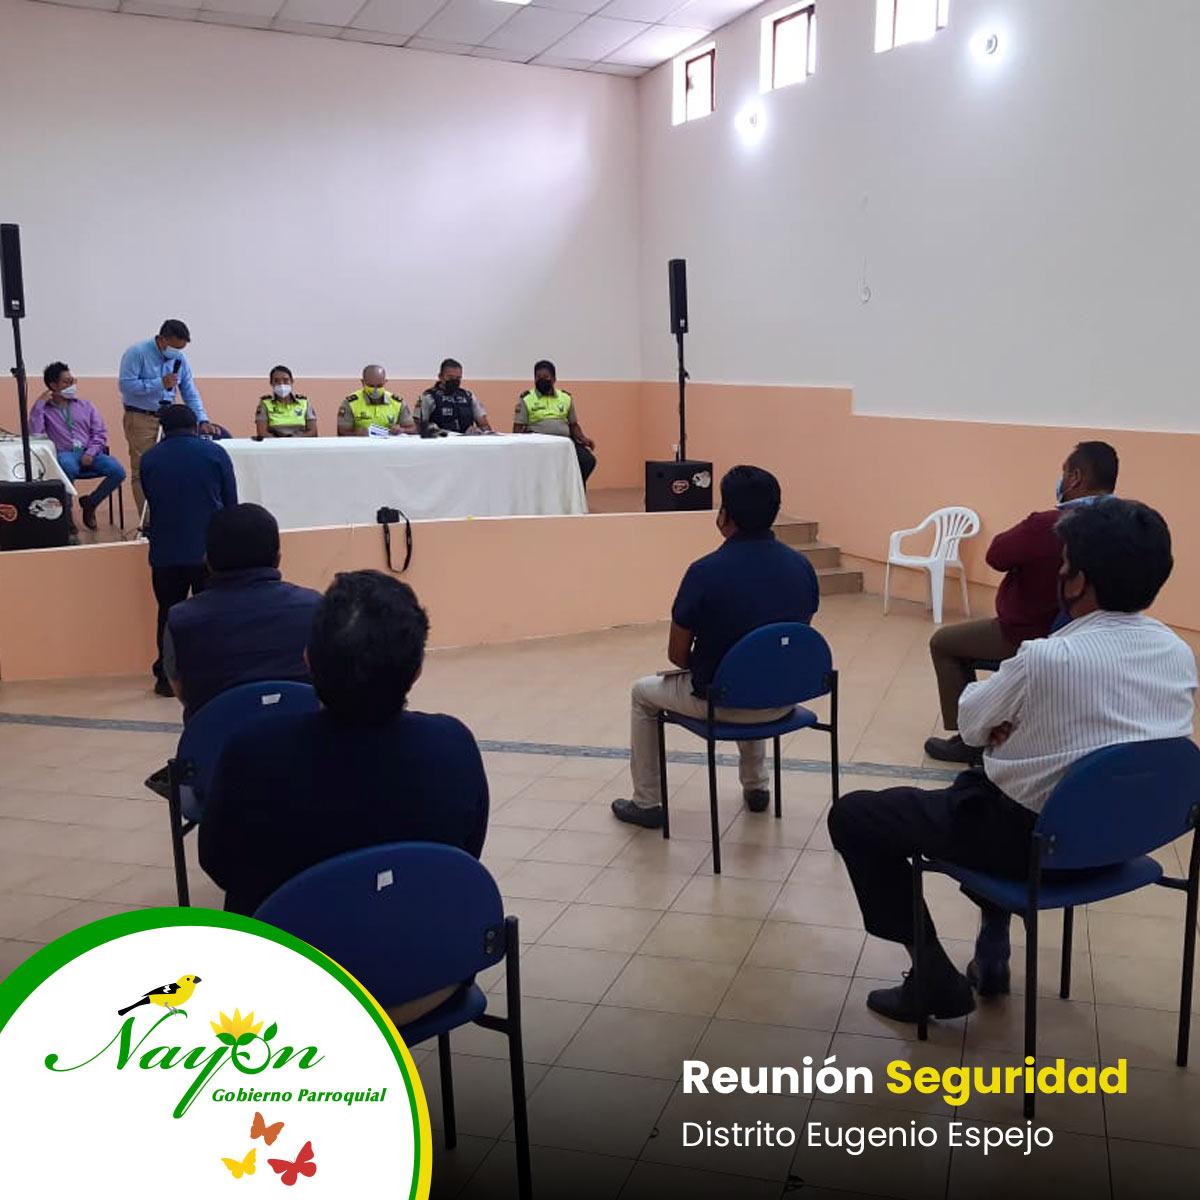 Reunión de Seguridad con el Distrito Eugenio Espejo